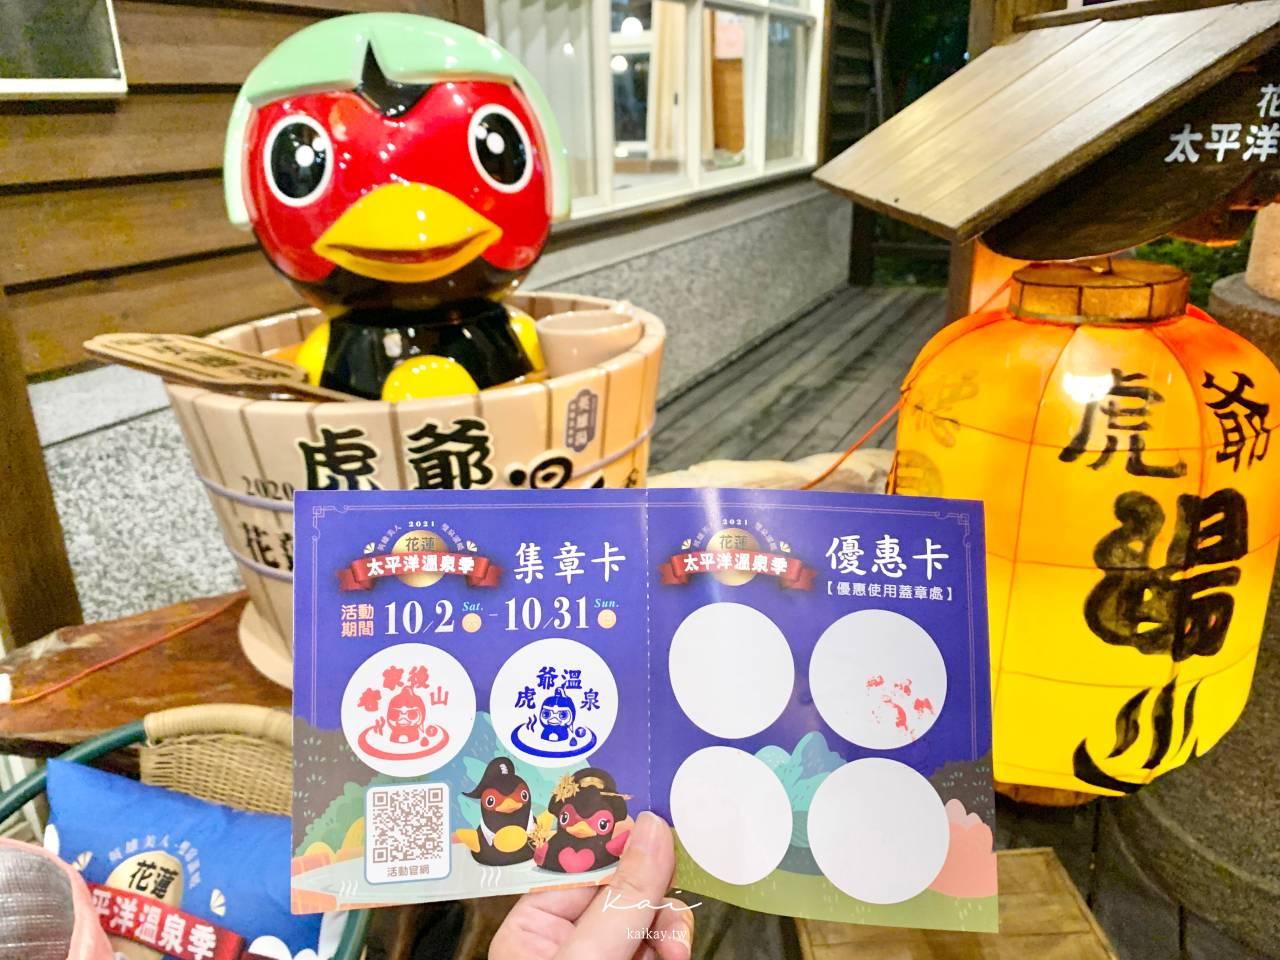 ☆【花蓮】2021花蓮太平洋溫泉季。一秒來到日本泡溫泉,金湯銀湯一次收集(燈展、抽獎、集章懶人包)